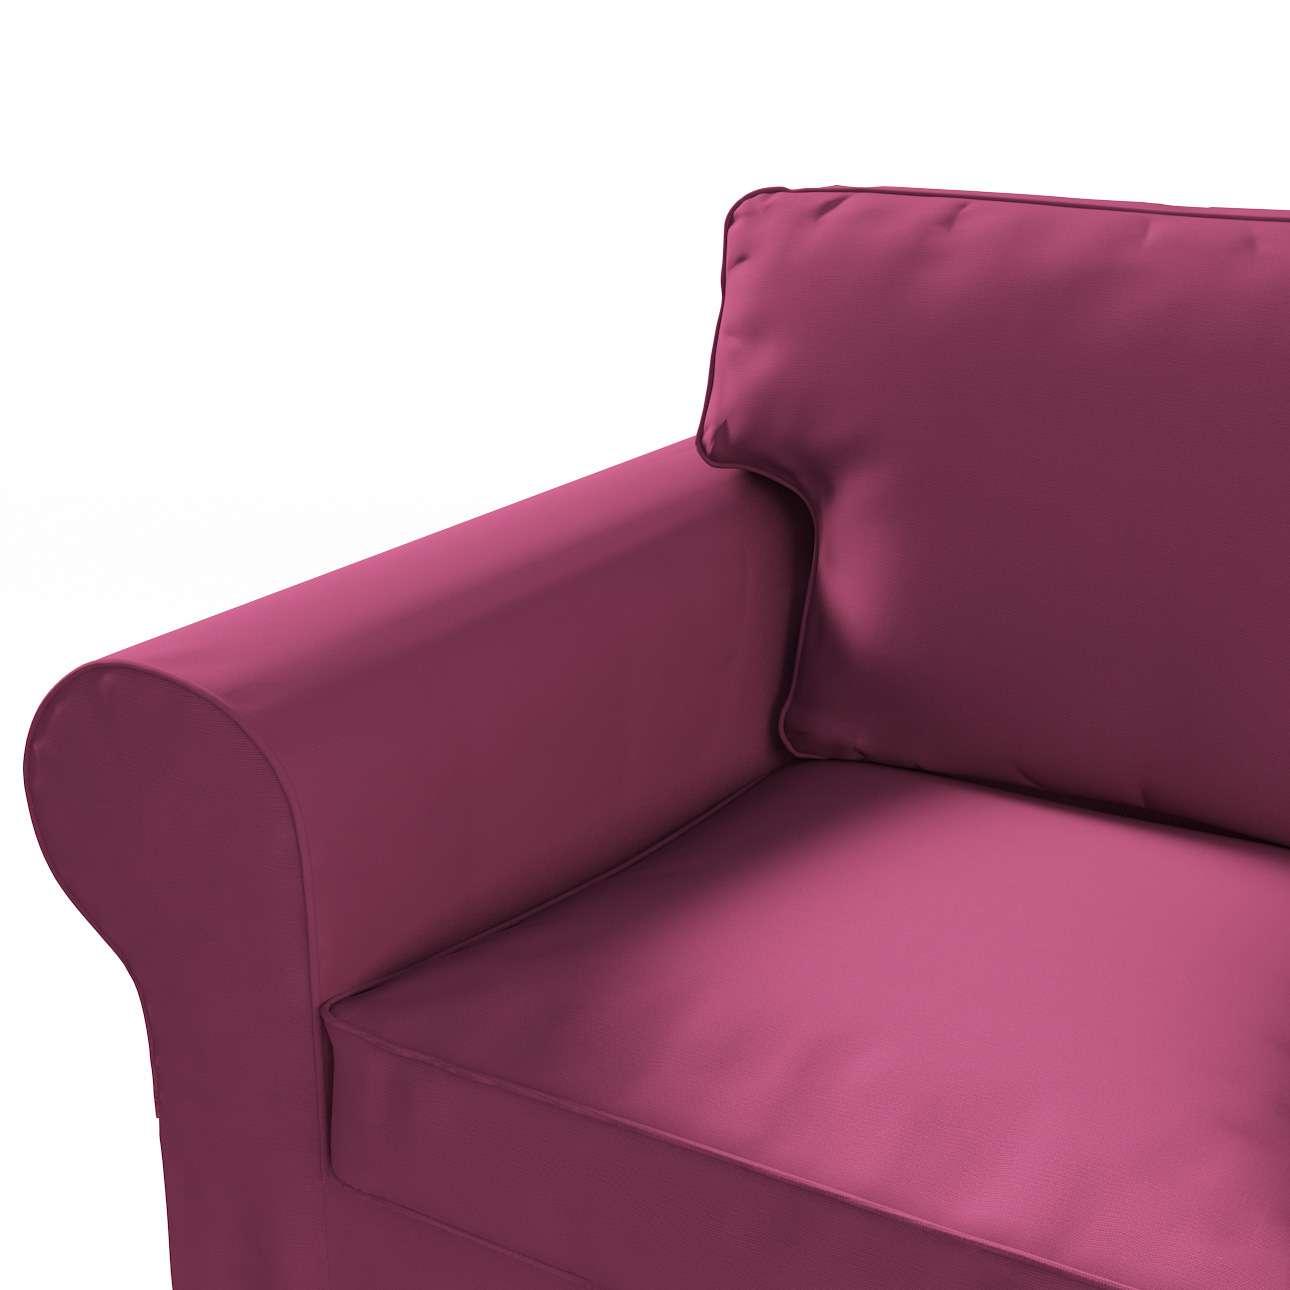 Pokrowiec na sofę Ektorp 3-osobową, rozkładaną STARY MODEL Sofa Ektorp 3-osobowa rozkładana w kolekcji Cotton Panama, tkanina: 702-32